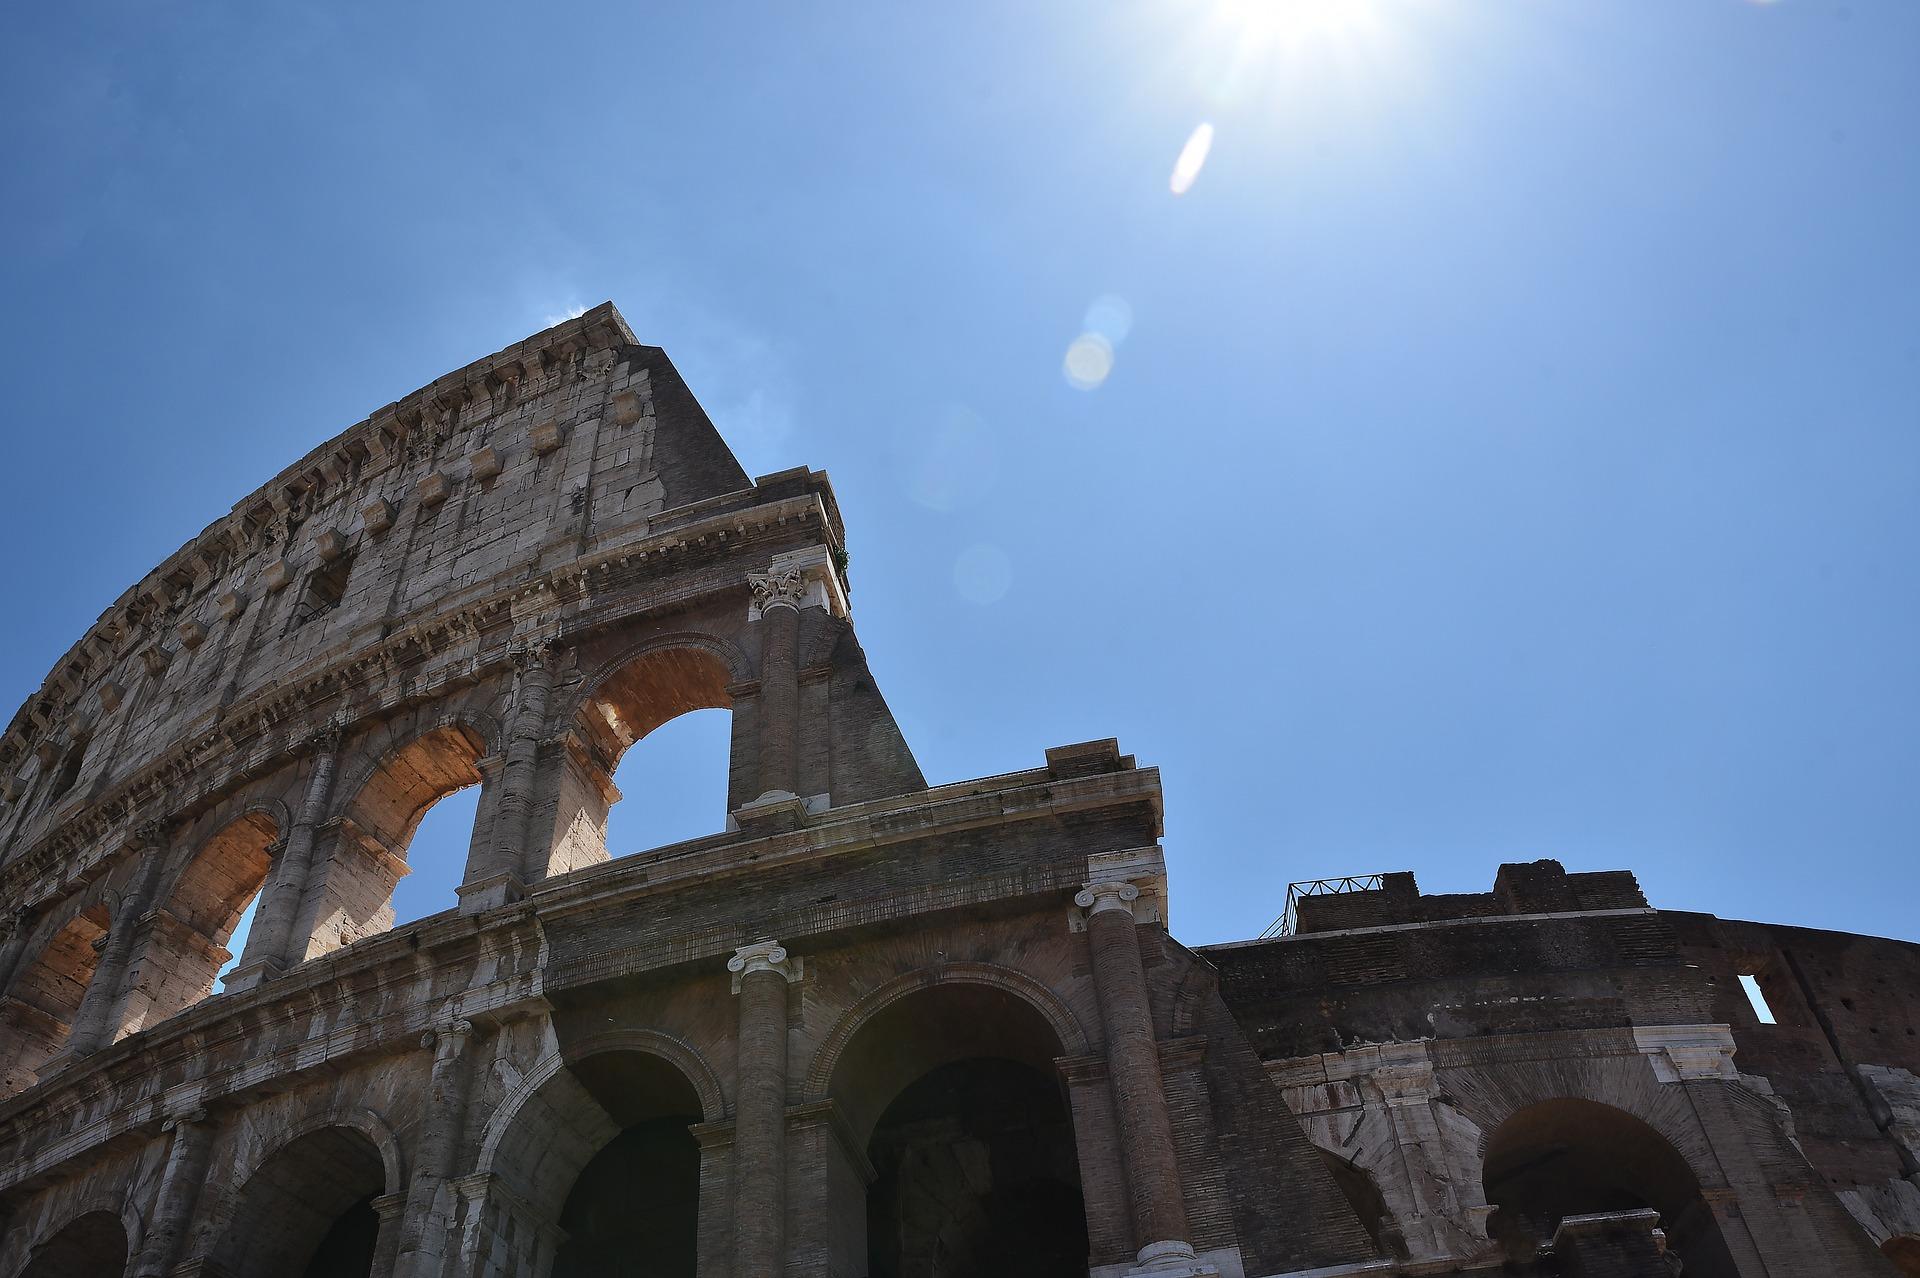 Cimiteri – Roma: Ad Agosto Chiude Il Laurentino, Fiore All'occhiello Dei Servizi Cimiteriali Di AMA